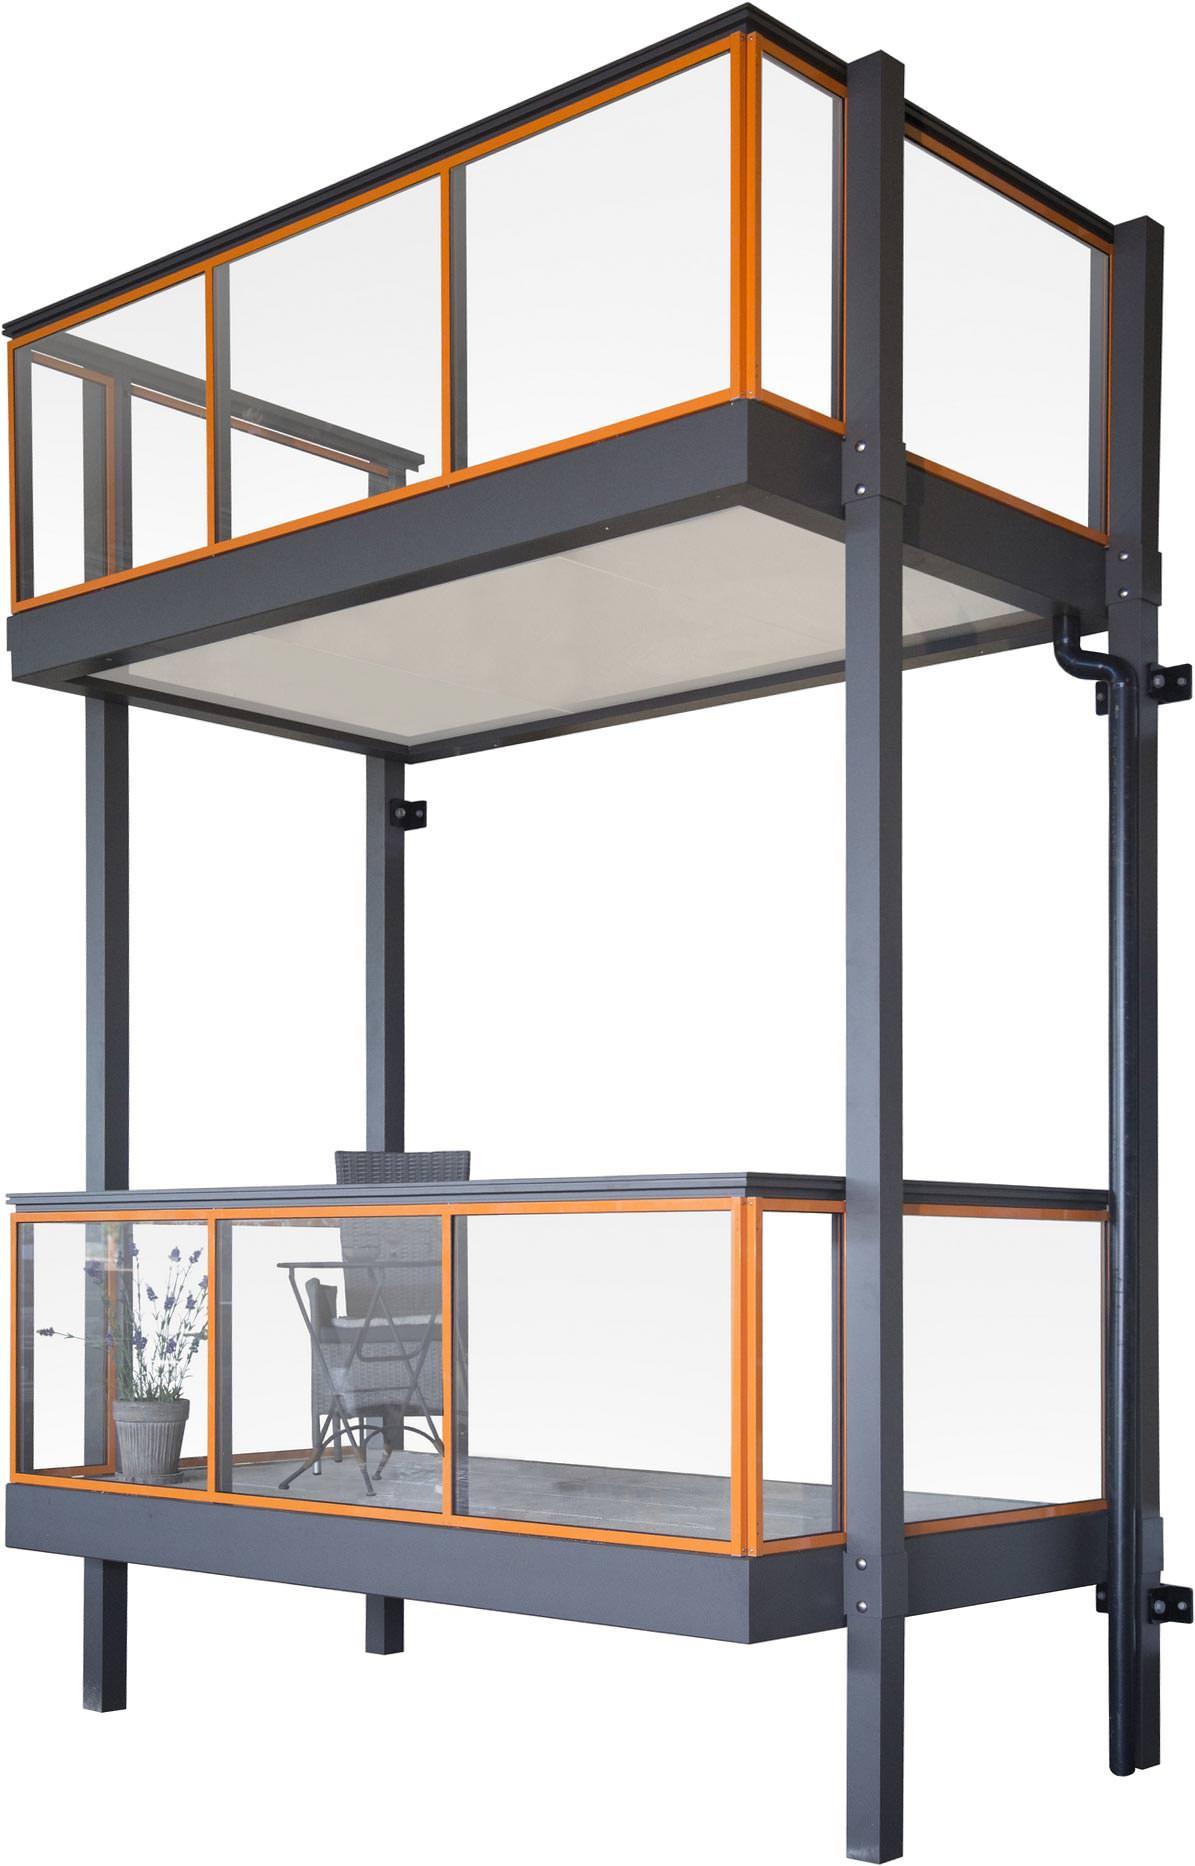 Aluone Ein Balkon Aus Aluminium In Selbsttragender Bauweise